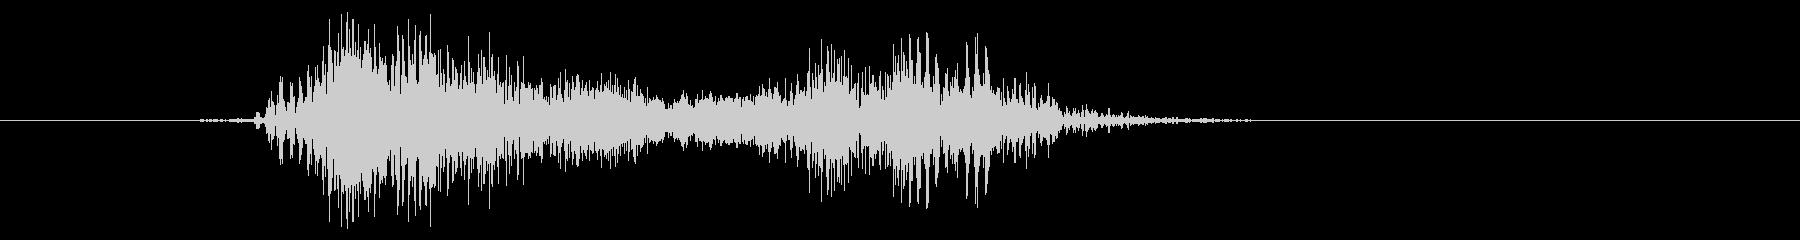 鳴き声 ボーカルヒット02の未再生の波形